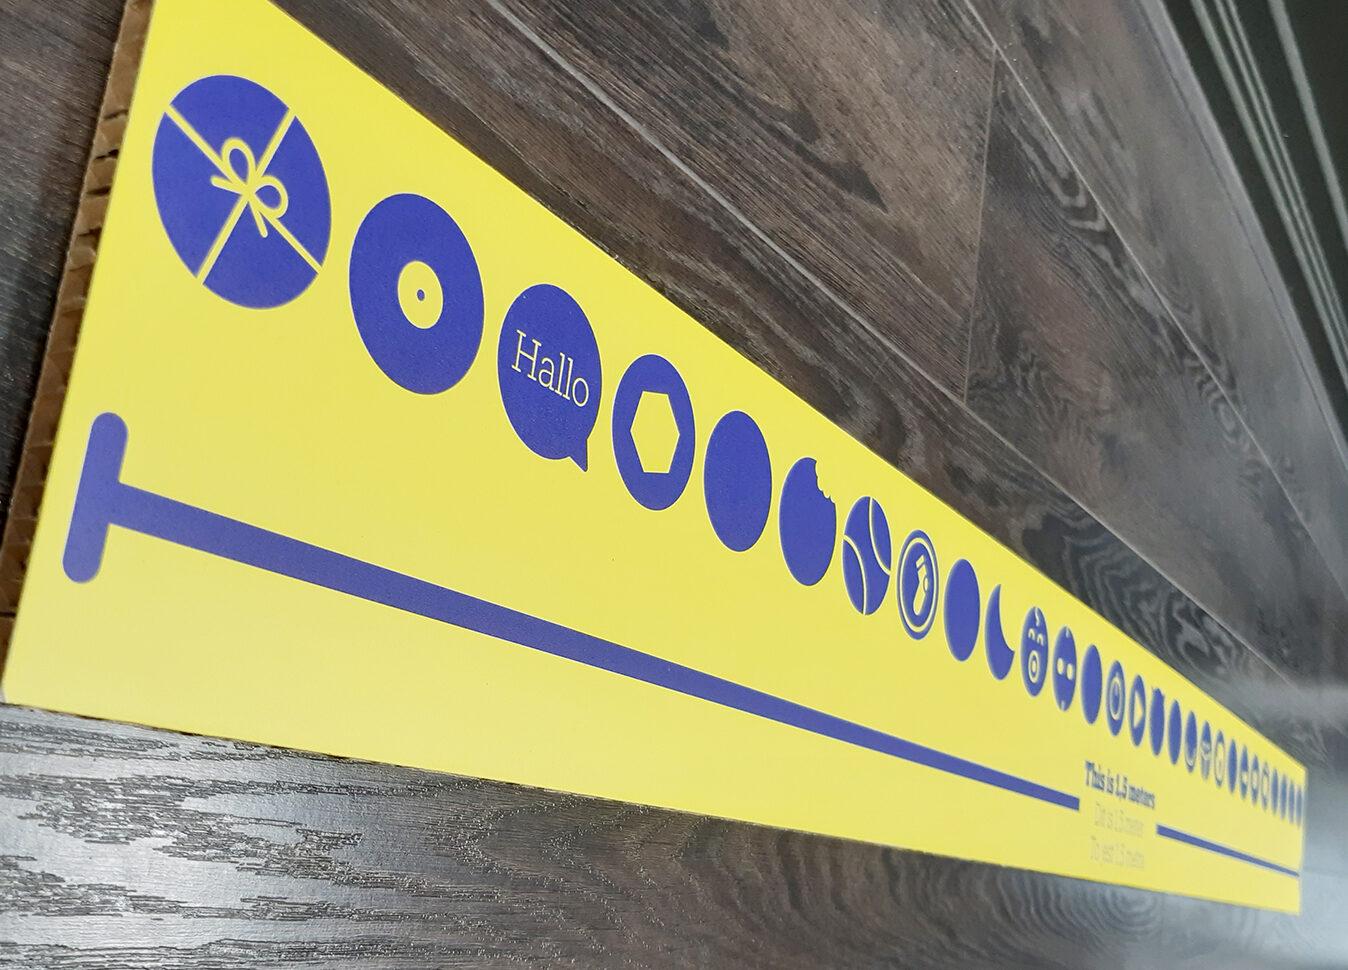 1,5m meetlat bol.com corona signing